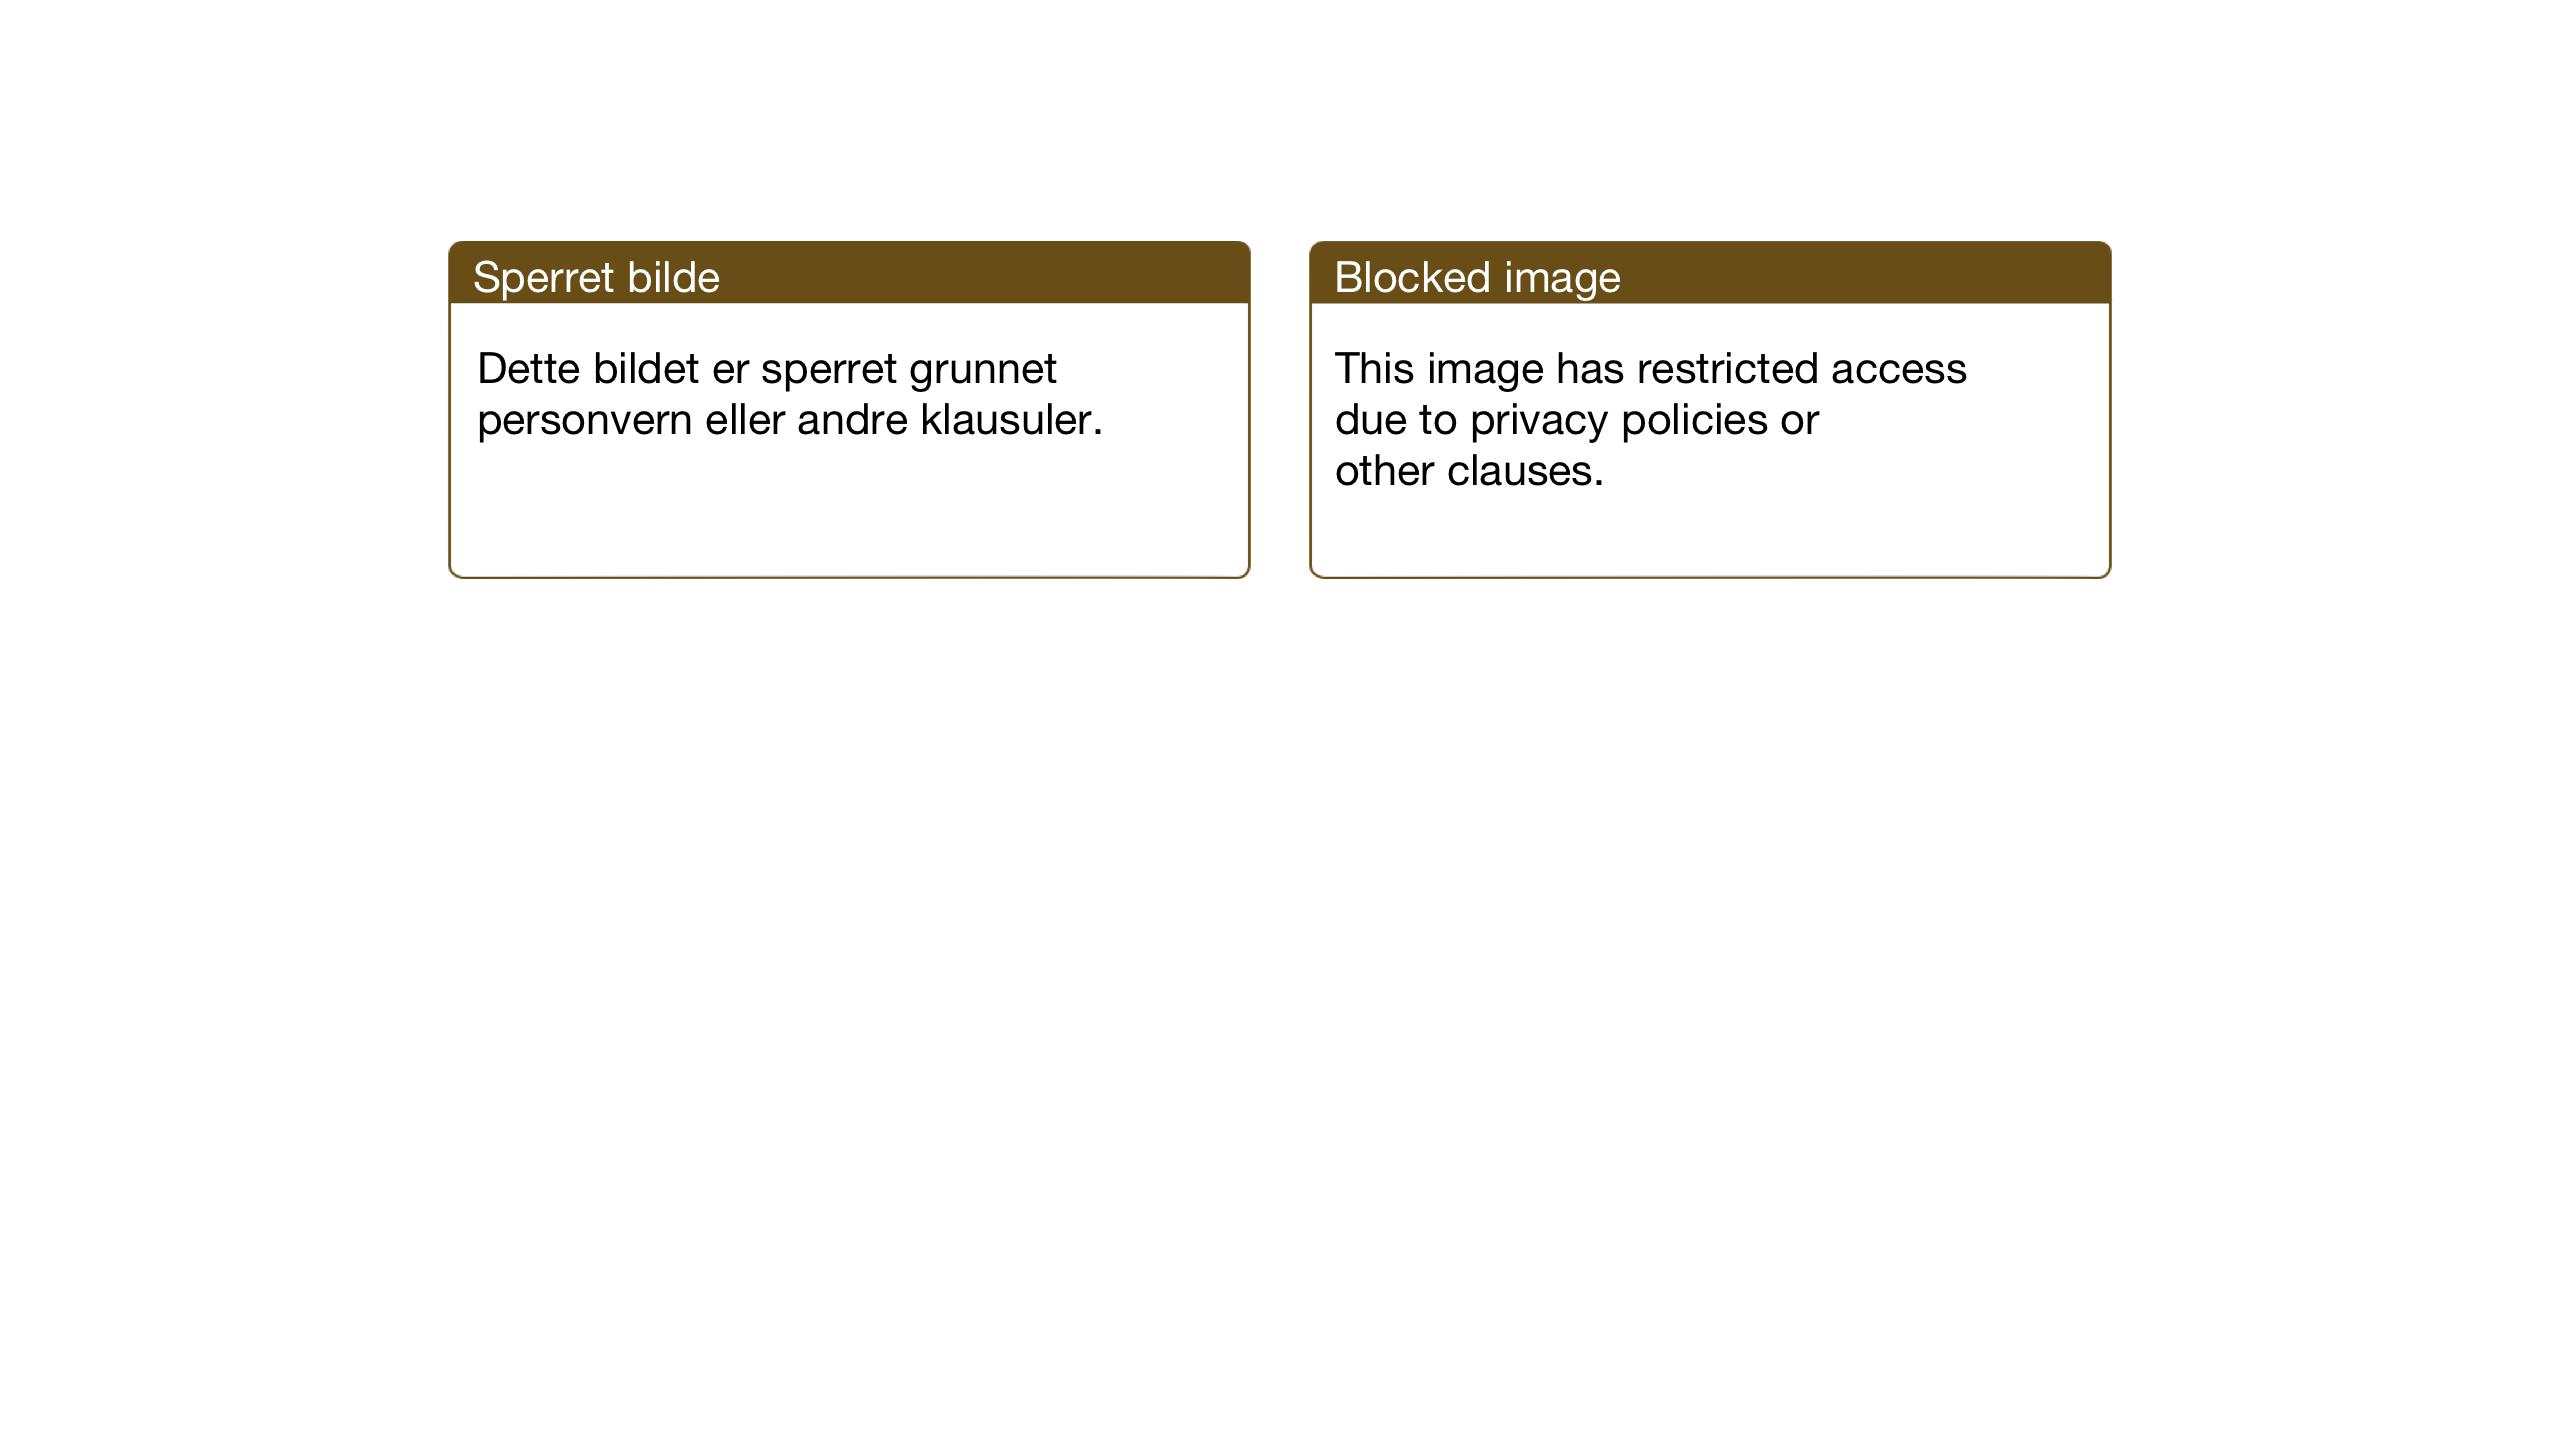 SAT, Ministerialprotokoller, klokkerbøker og fødselsregistre - Sør-Trøndelag, 669/L0832: Klokkerbok nr. 669C02, 1925-1953, s. 43